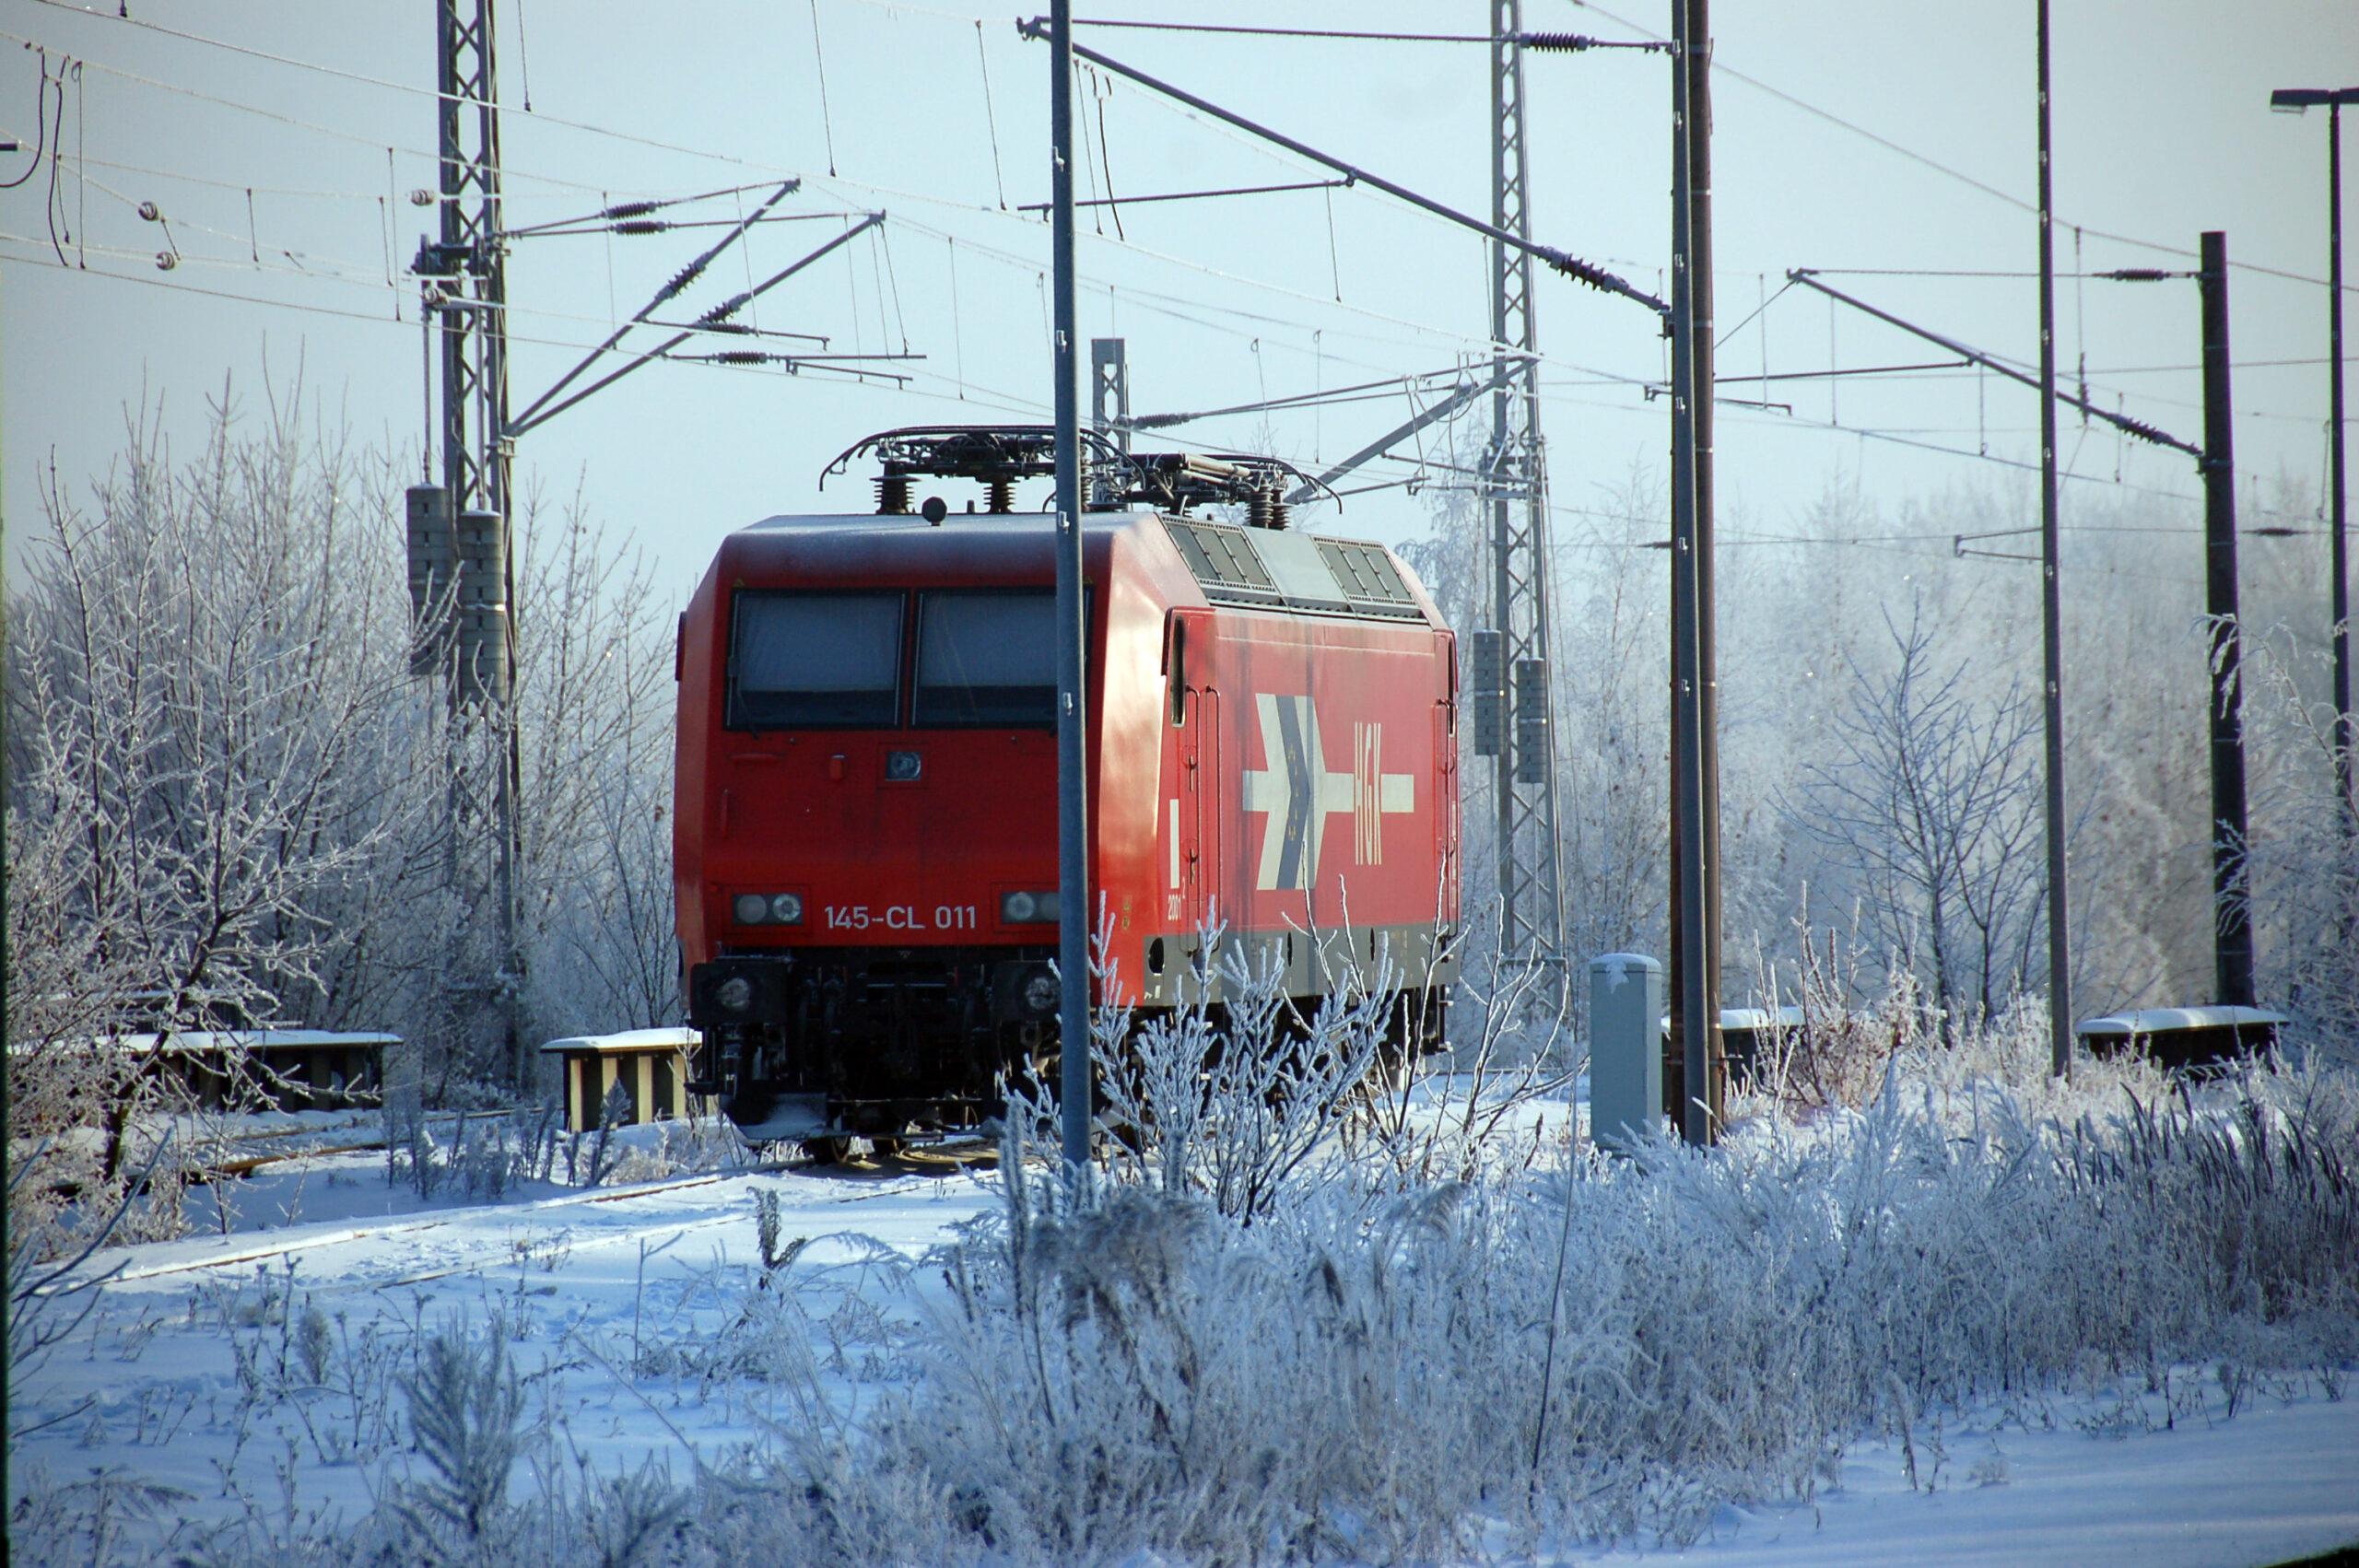 DB-Baureihe 145